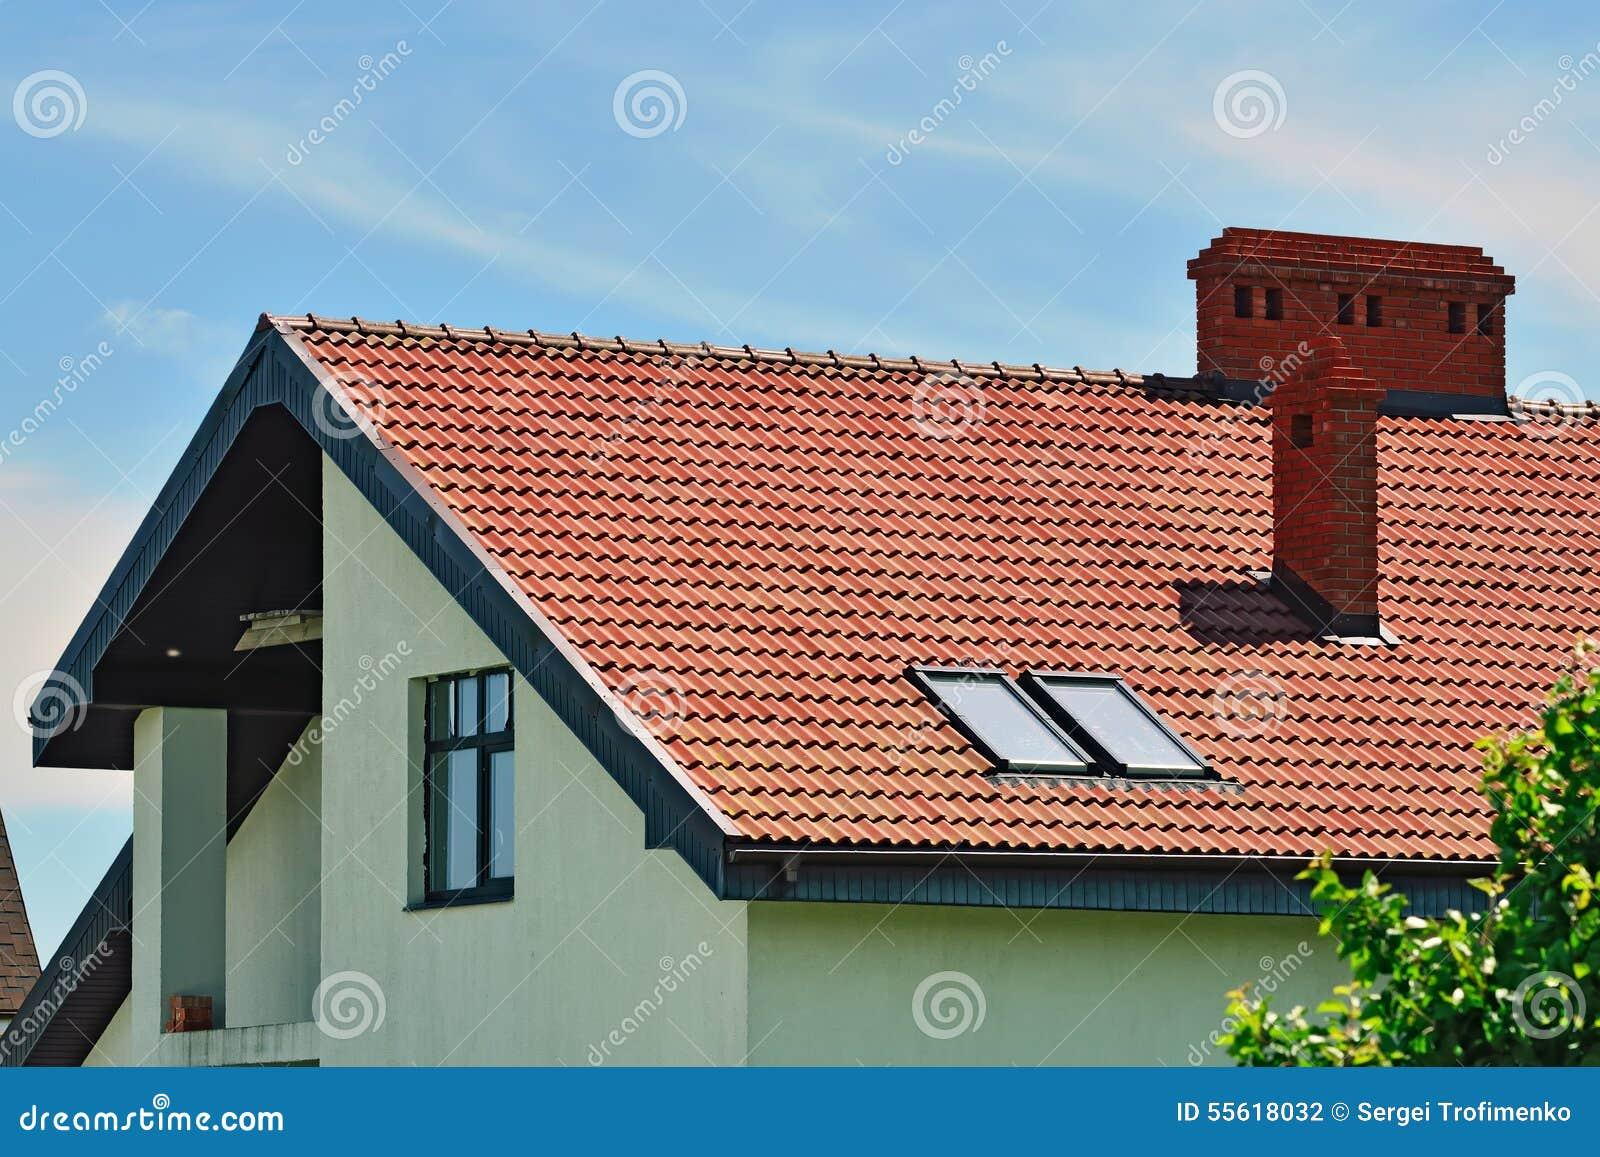 toit de la maison avec le grenier photo stock image du conception cloche 55618032. Black Bedroom Furniture Sets. Home Design Ideas